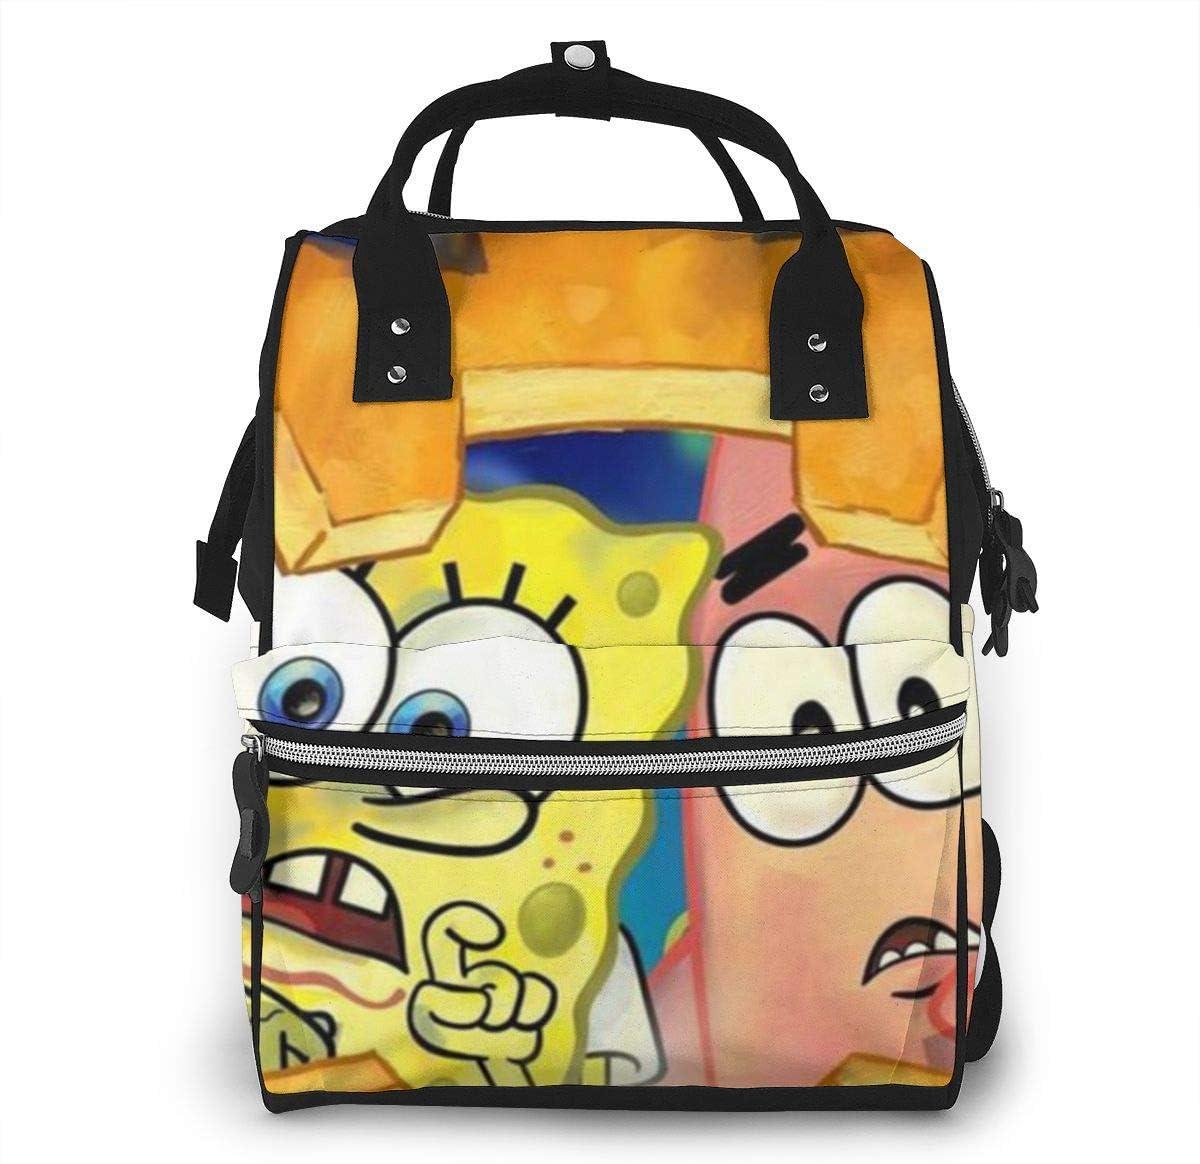 Bolsa de pañales para bebé de Bob Esponja y Patrick Mommy, multifunción, gran capacidad, mochila de viaje para pañales